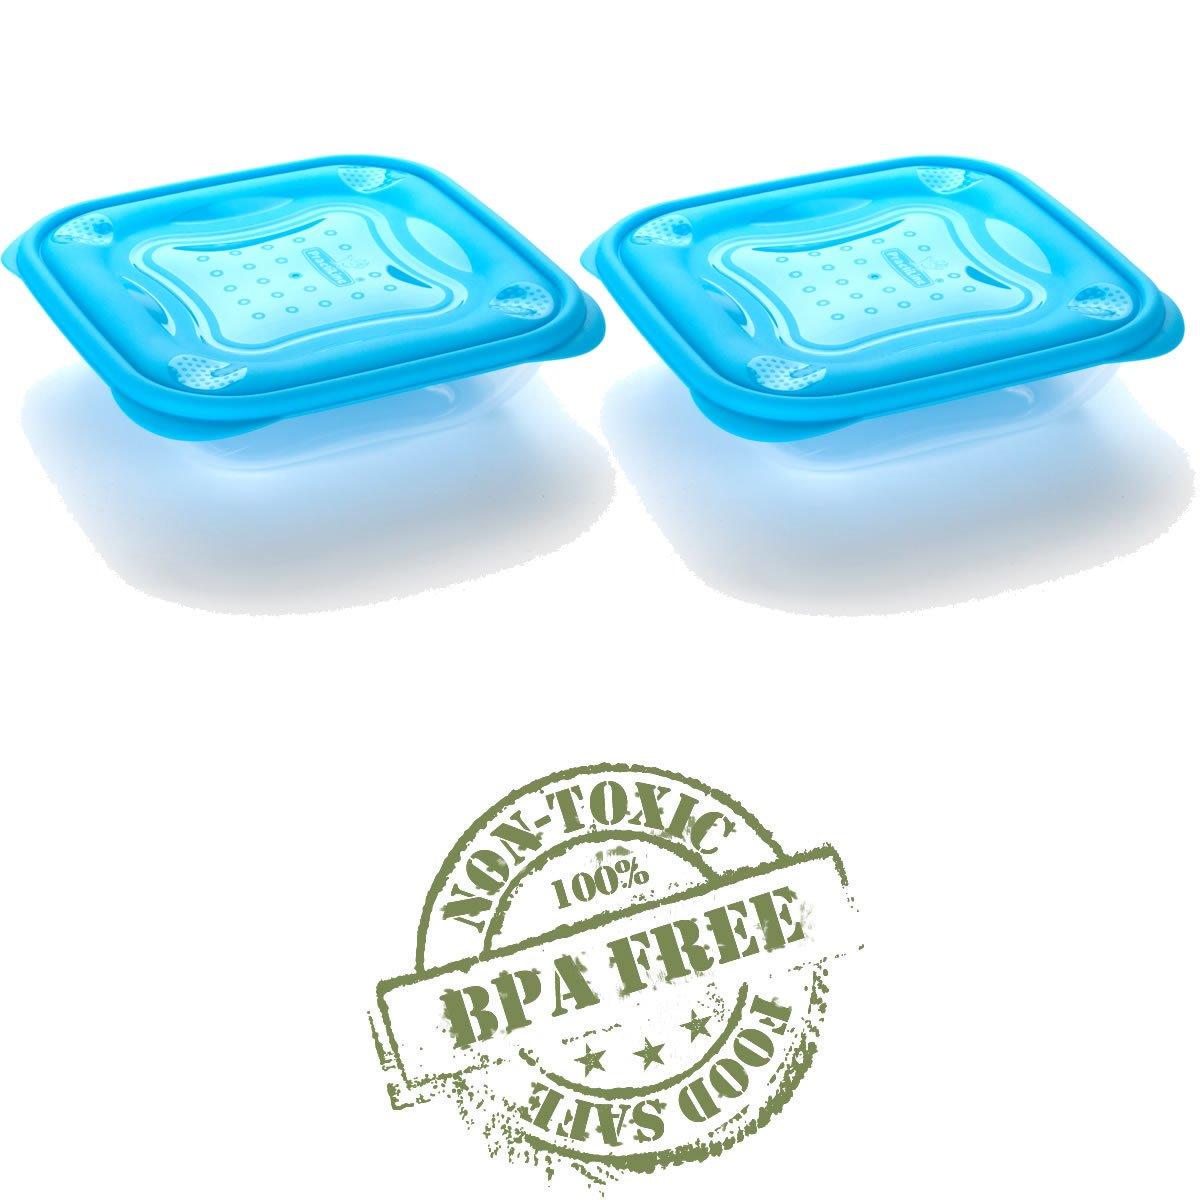 Set de 2 Recipientes Hermeticos Cuadrados con Tapa Azul de 0,5 Litros BPA Free.